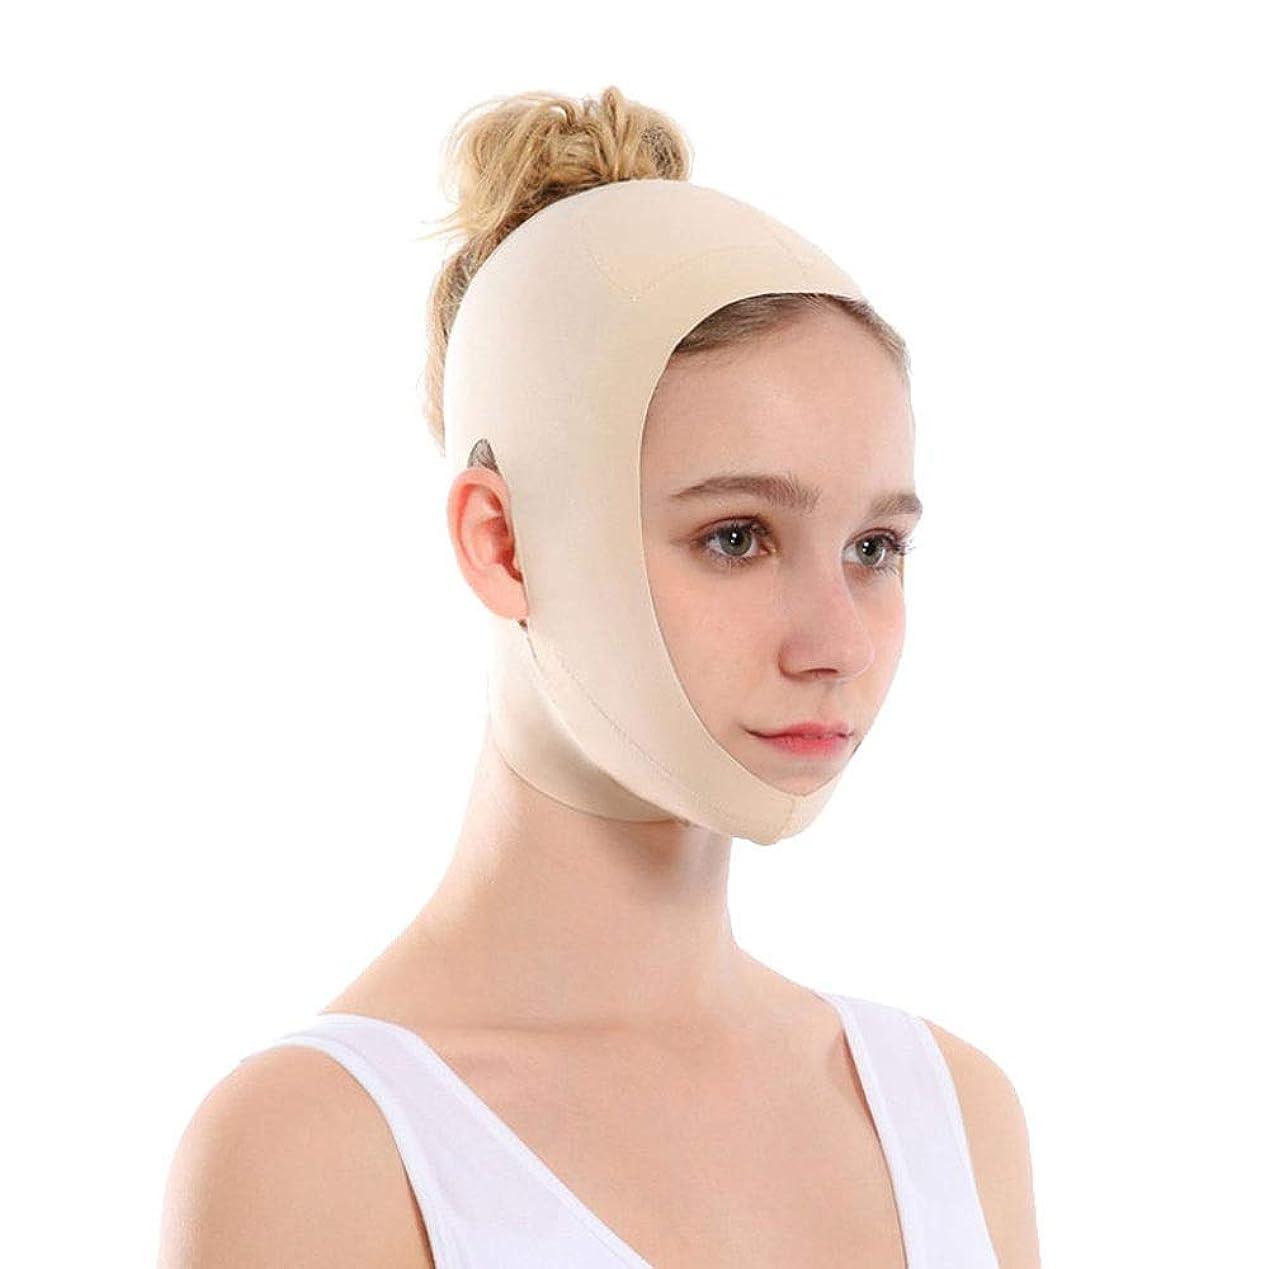 幻影上下するギャングJia Jia- 顔を持ち上げるアーティファクトVフェイス包帯リフティング引き締め睡眠薄い顔を整形持ち上げる顔を二重あご矯正 - 肌の色 顔面包帯